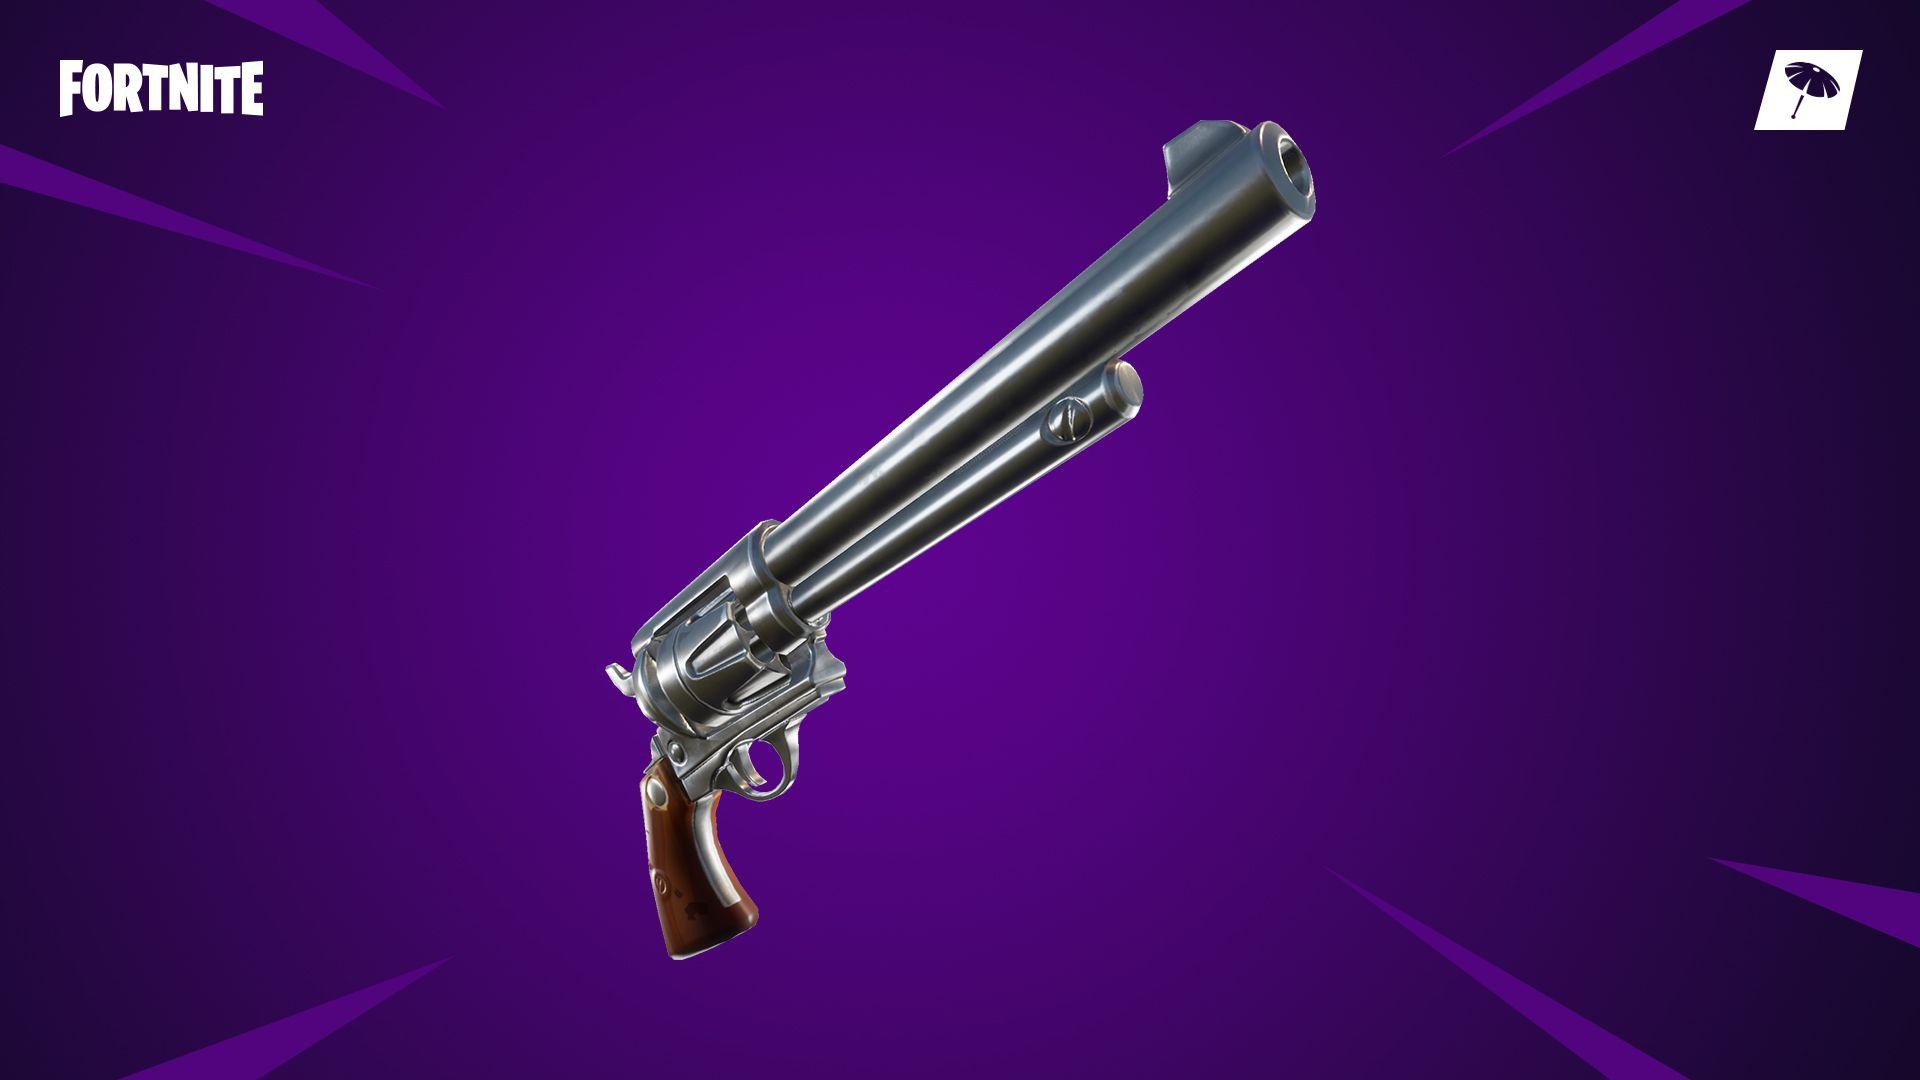 Fortnite Six Shooter